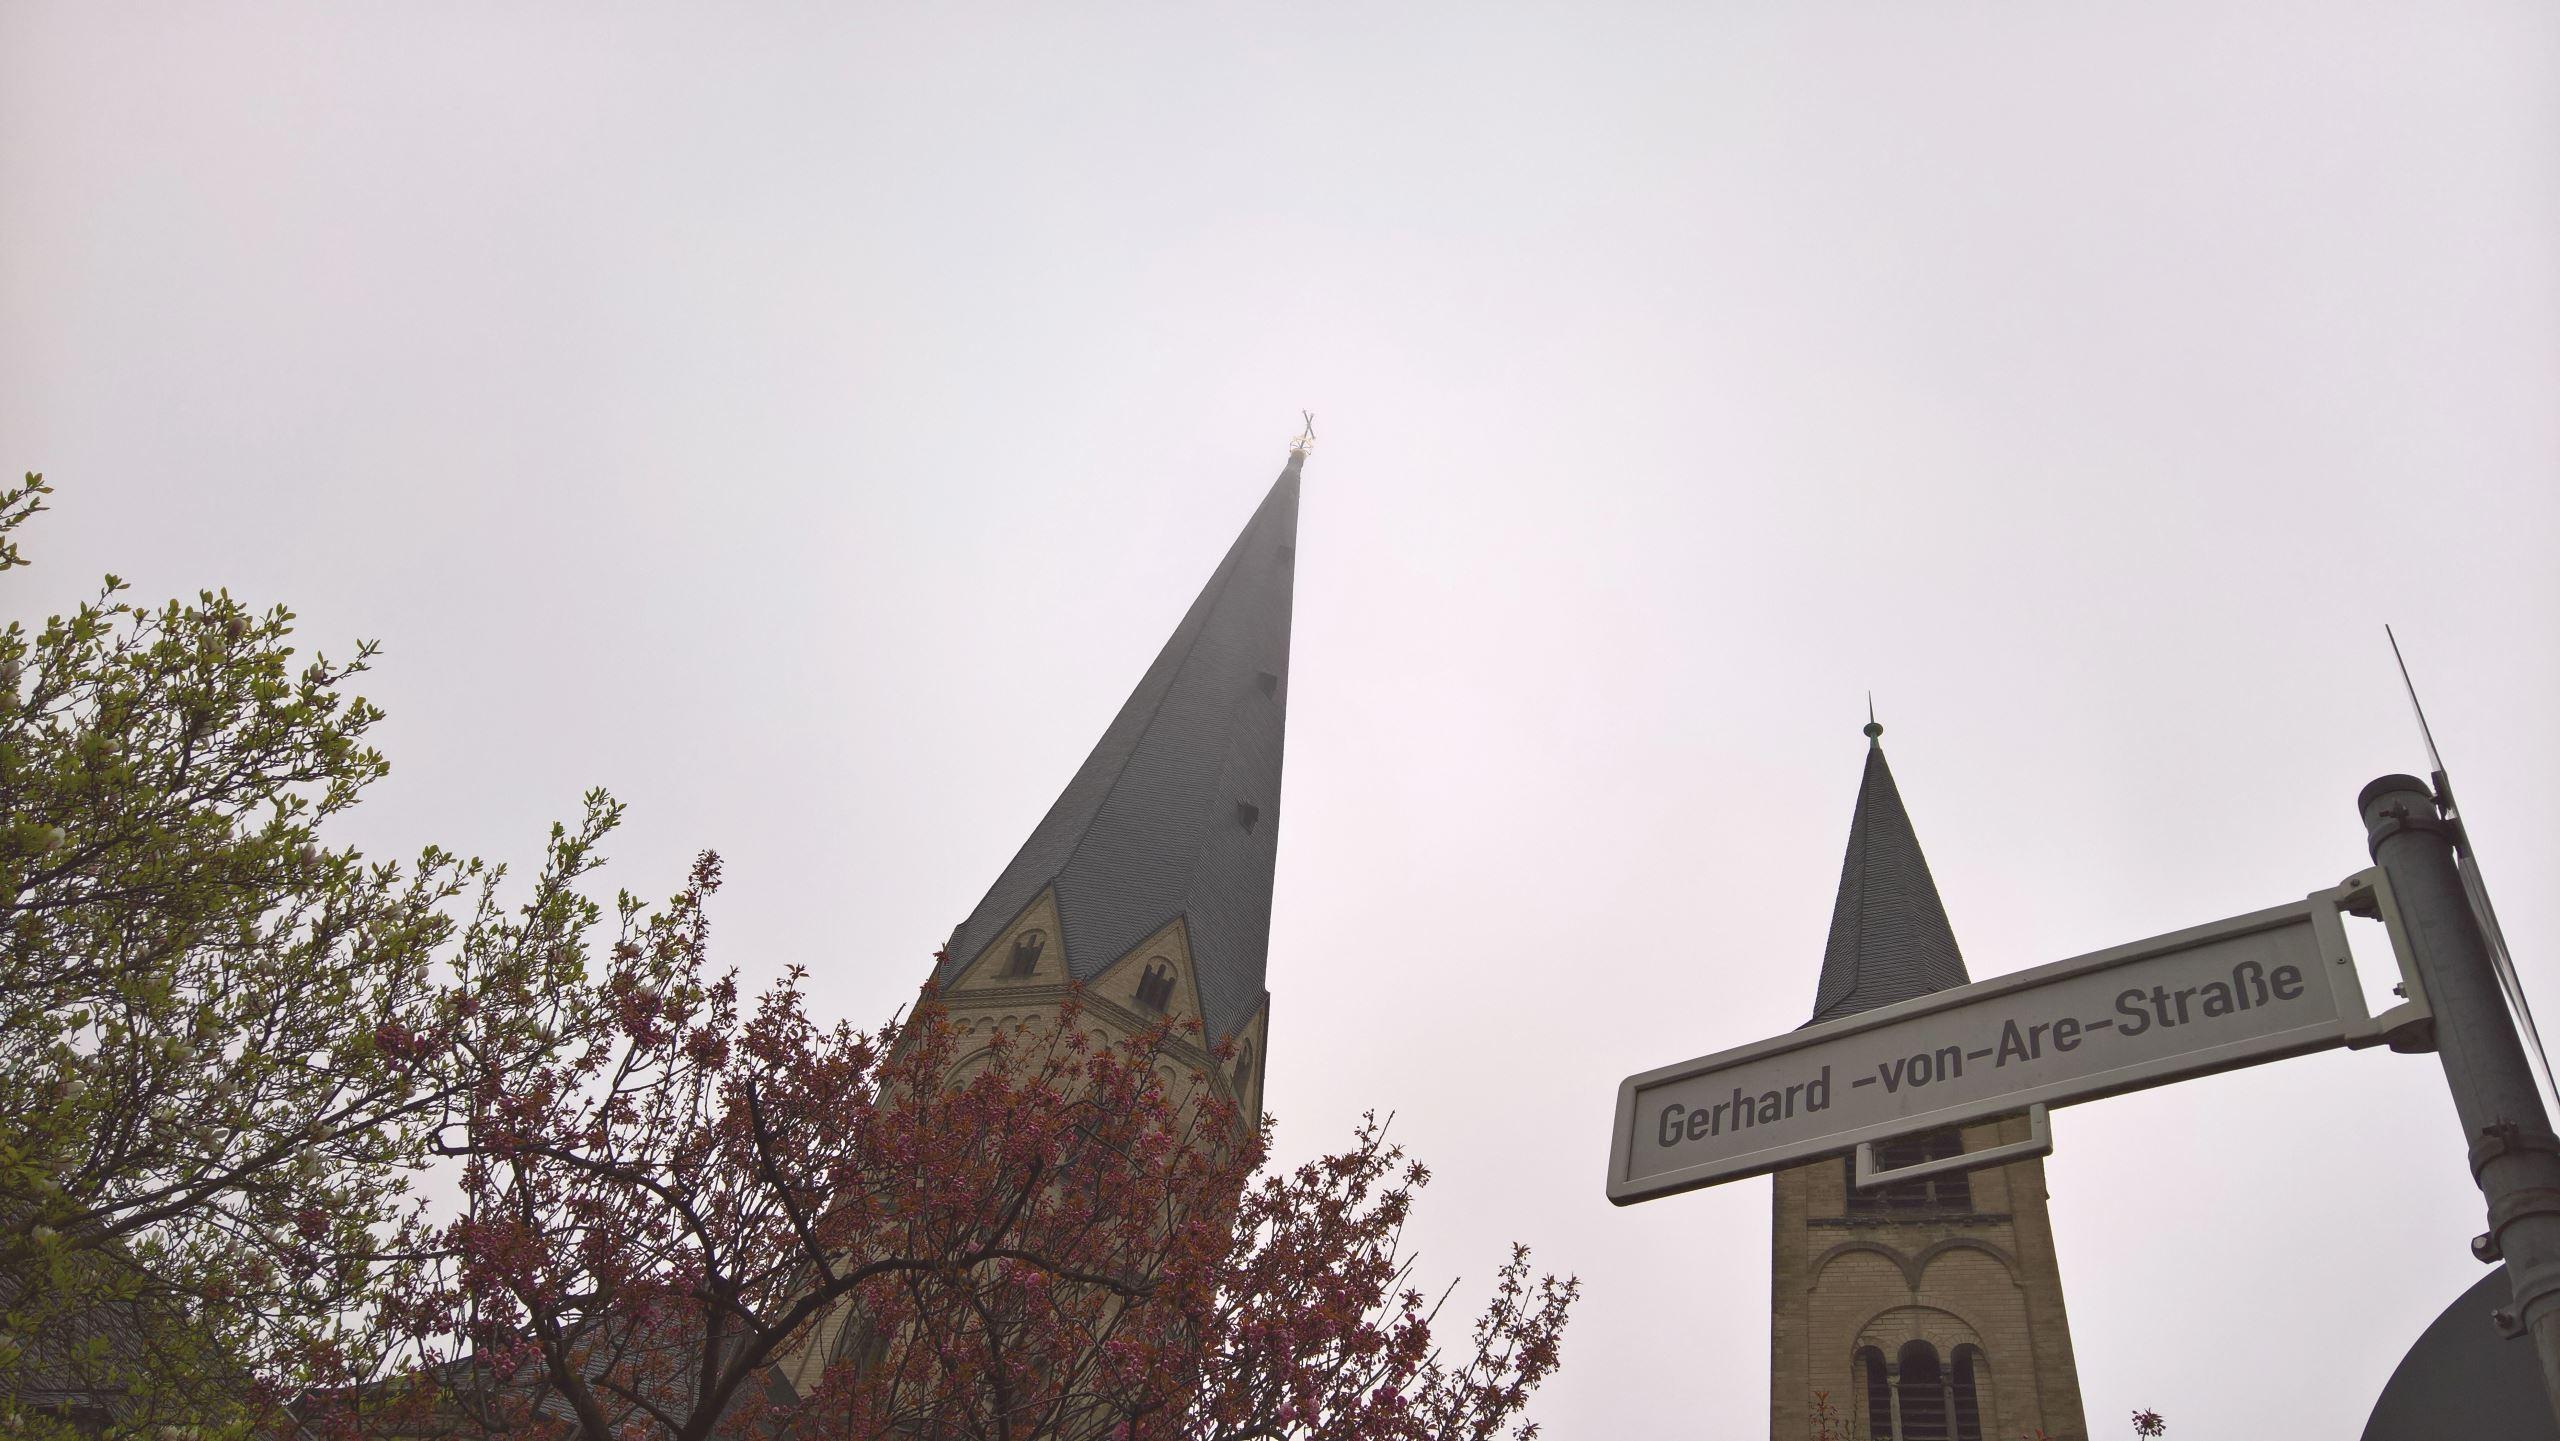 gerhard-von-are-strasse-bonn